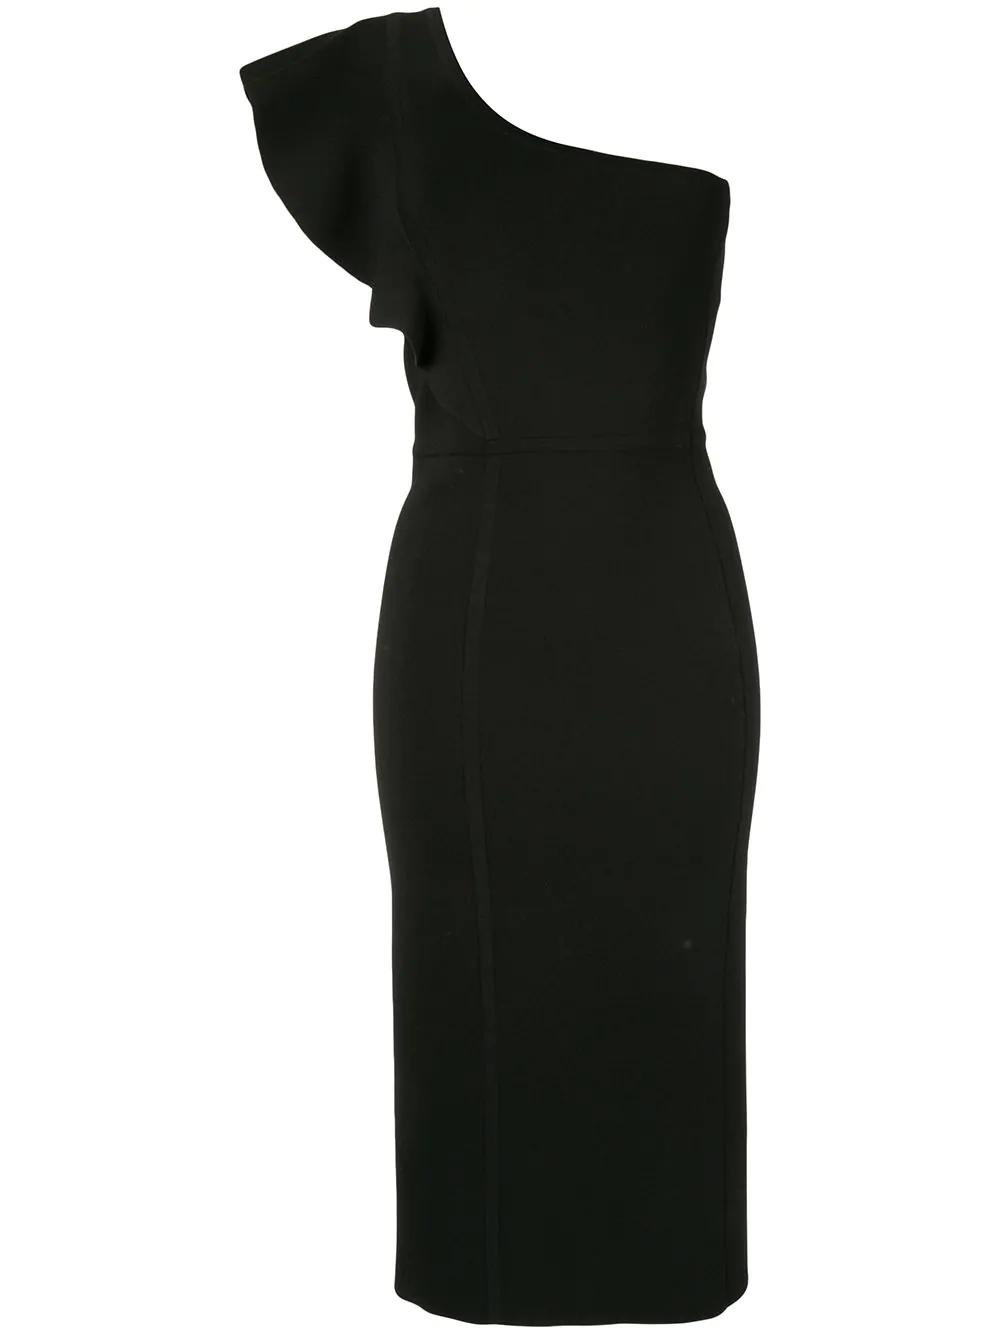 593b93055774 Ginger & Smart Anchor One Shoulder Dress - Black | ModeSens